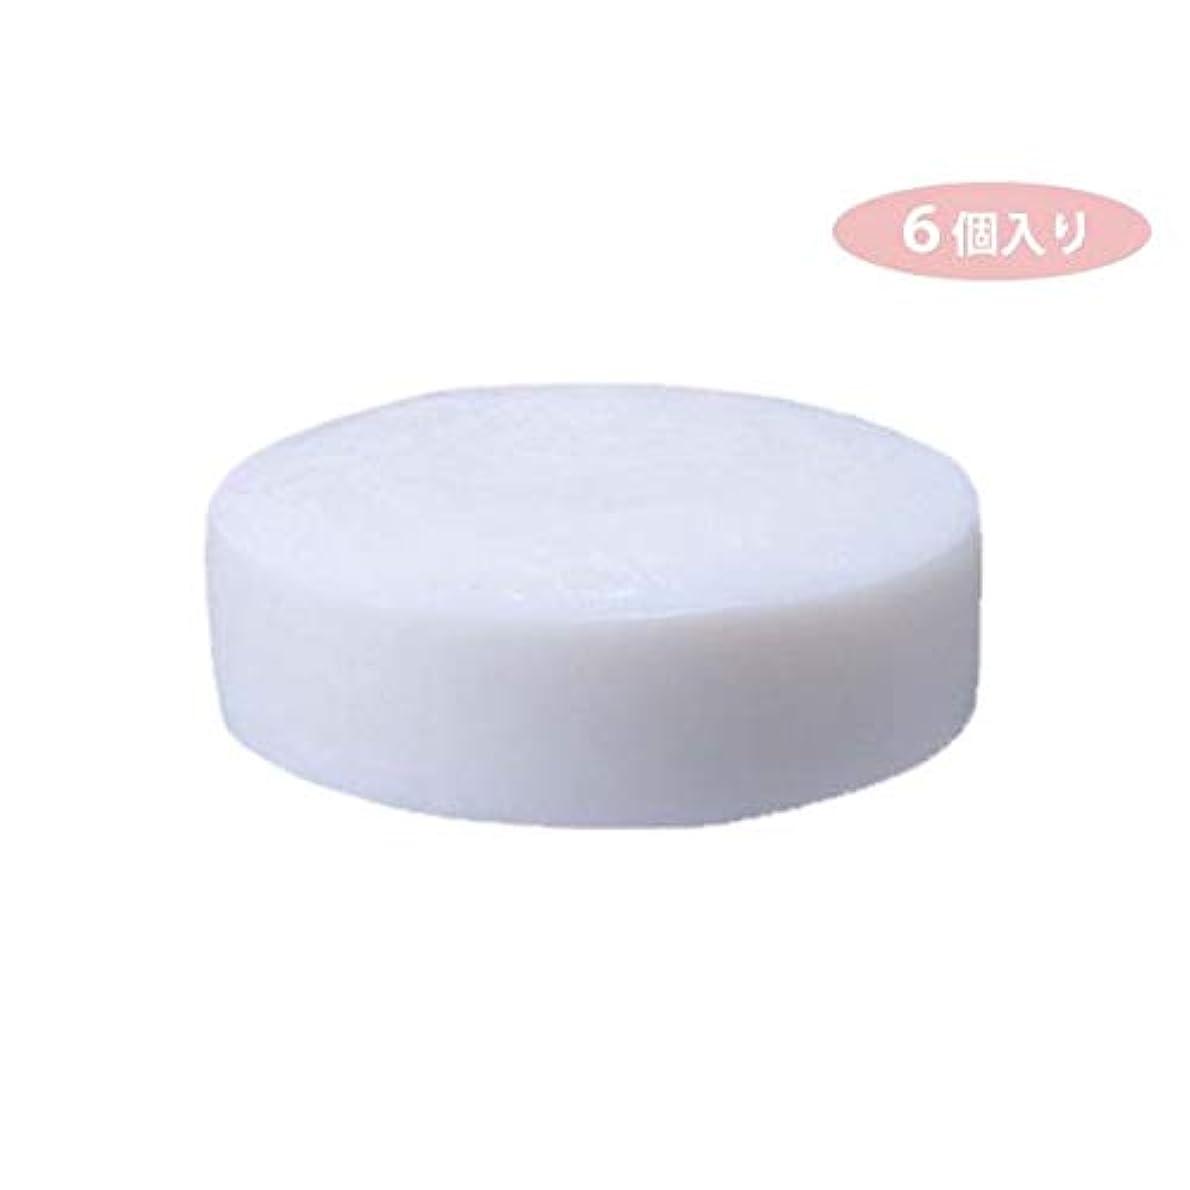 アヒル調停する習字CBH-S 6個入り 敏感なお肌のための化粧石鹸